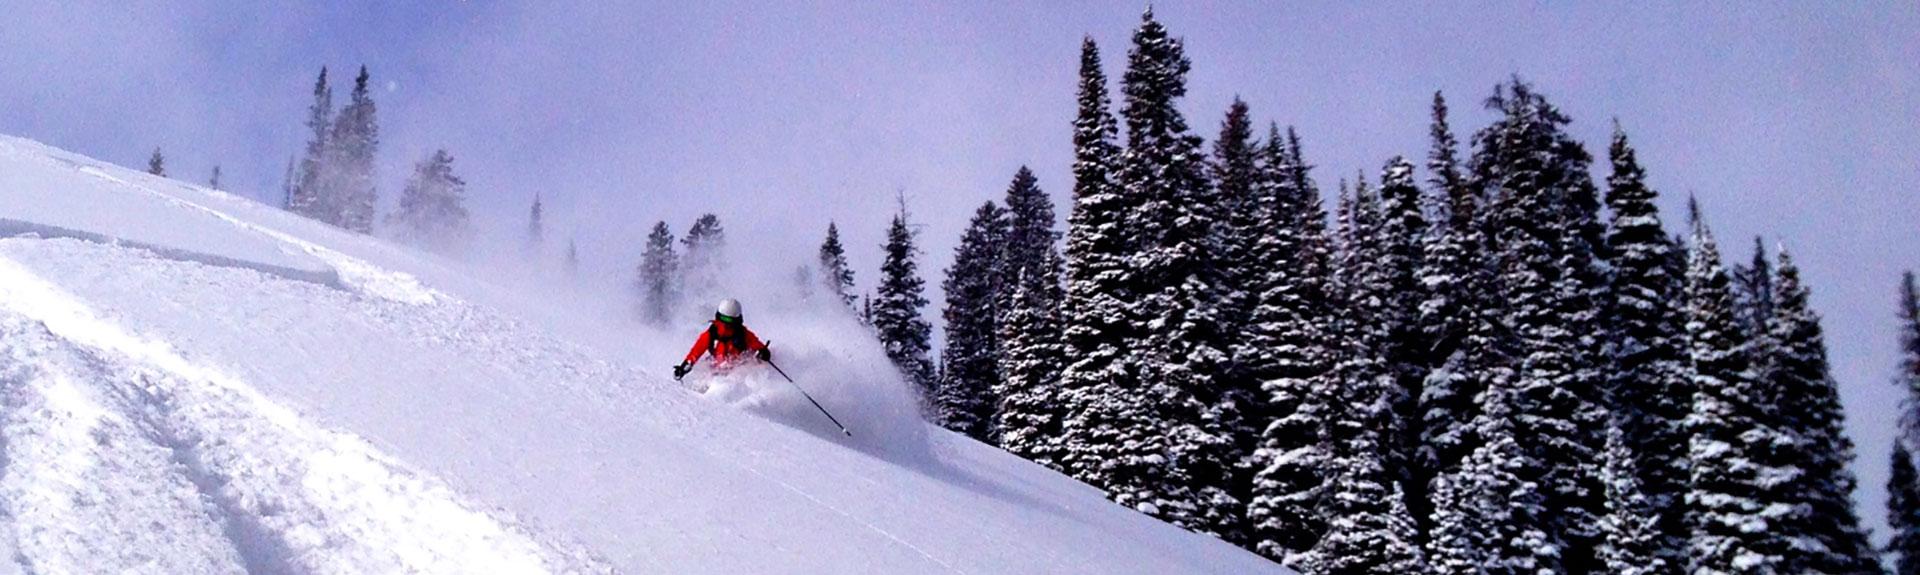 downhill-ski-ss